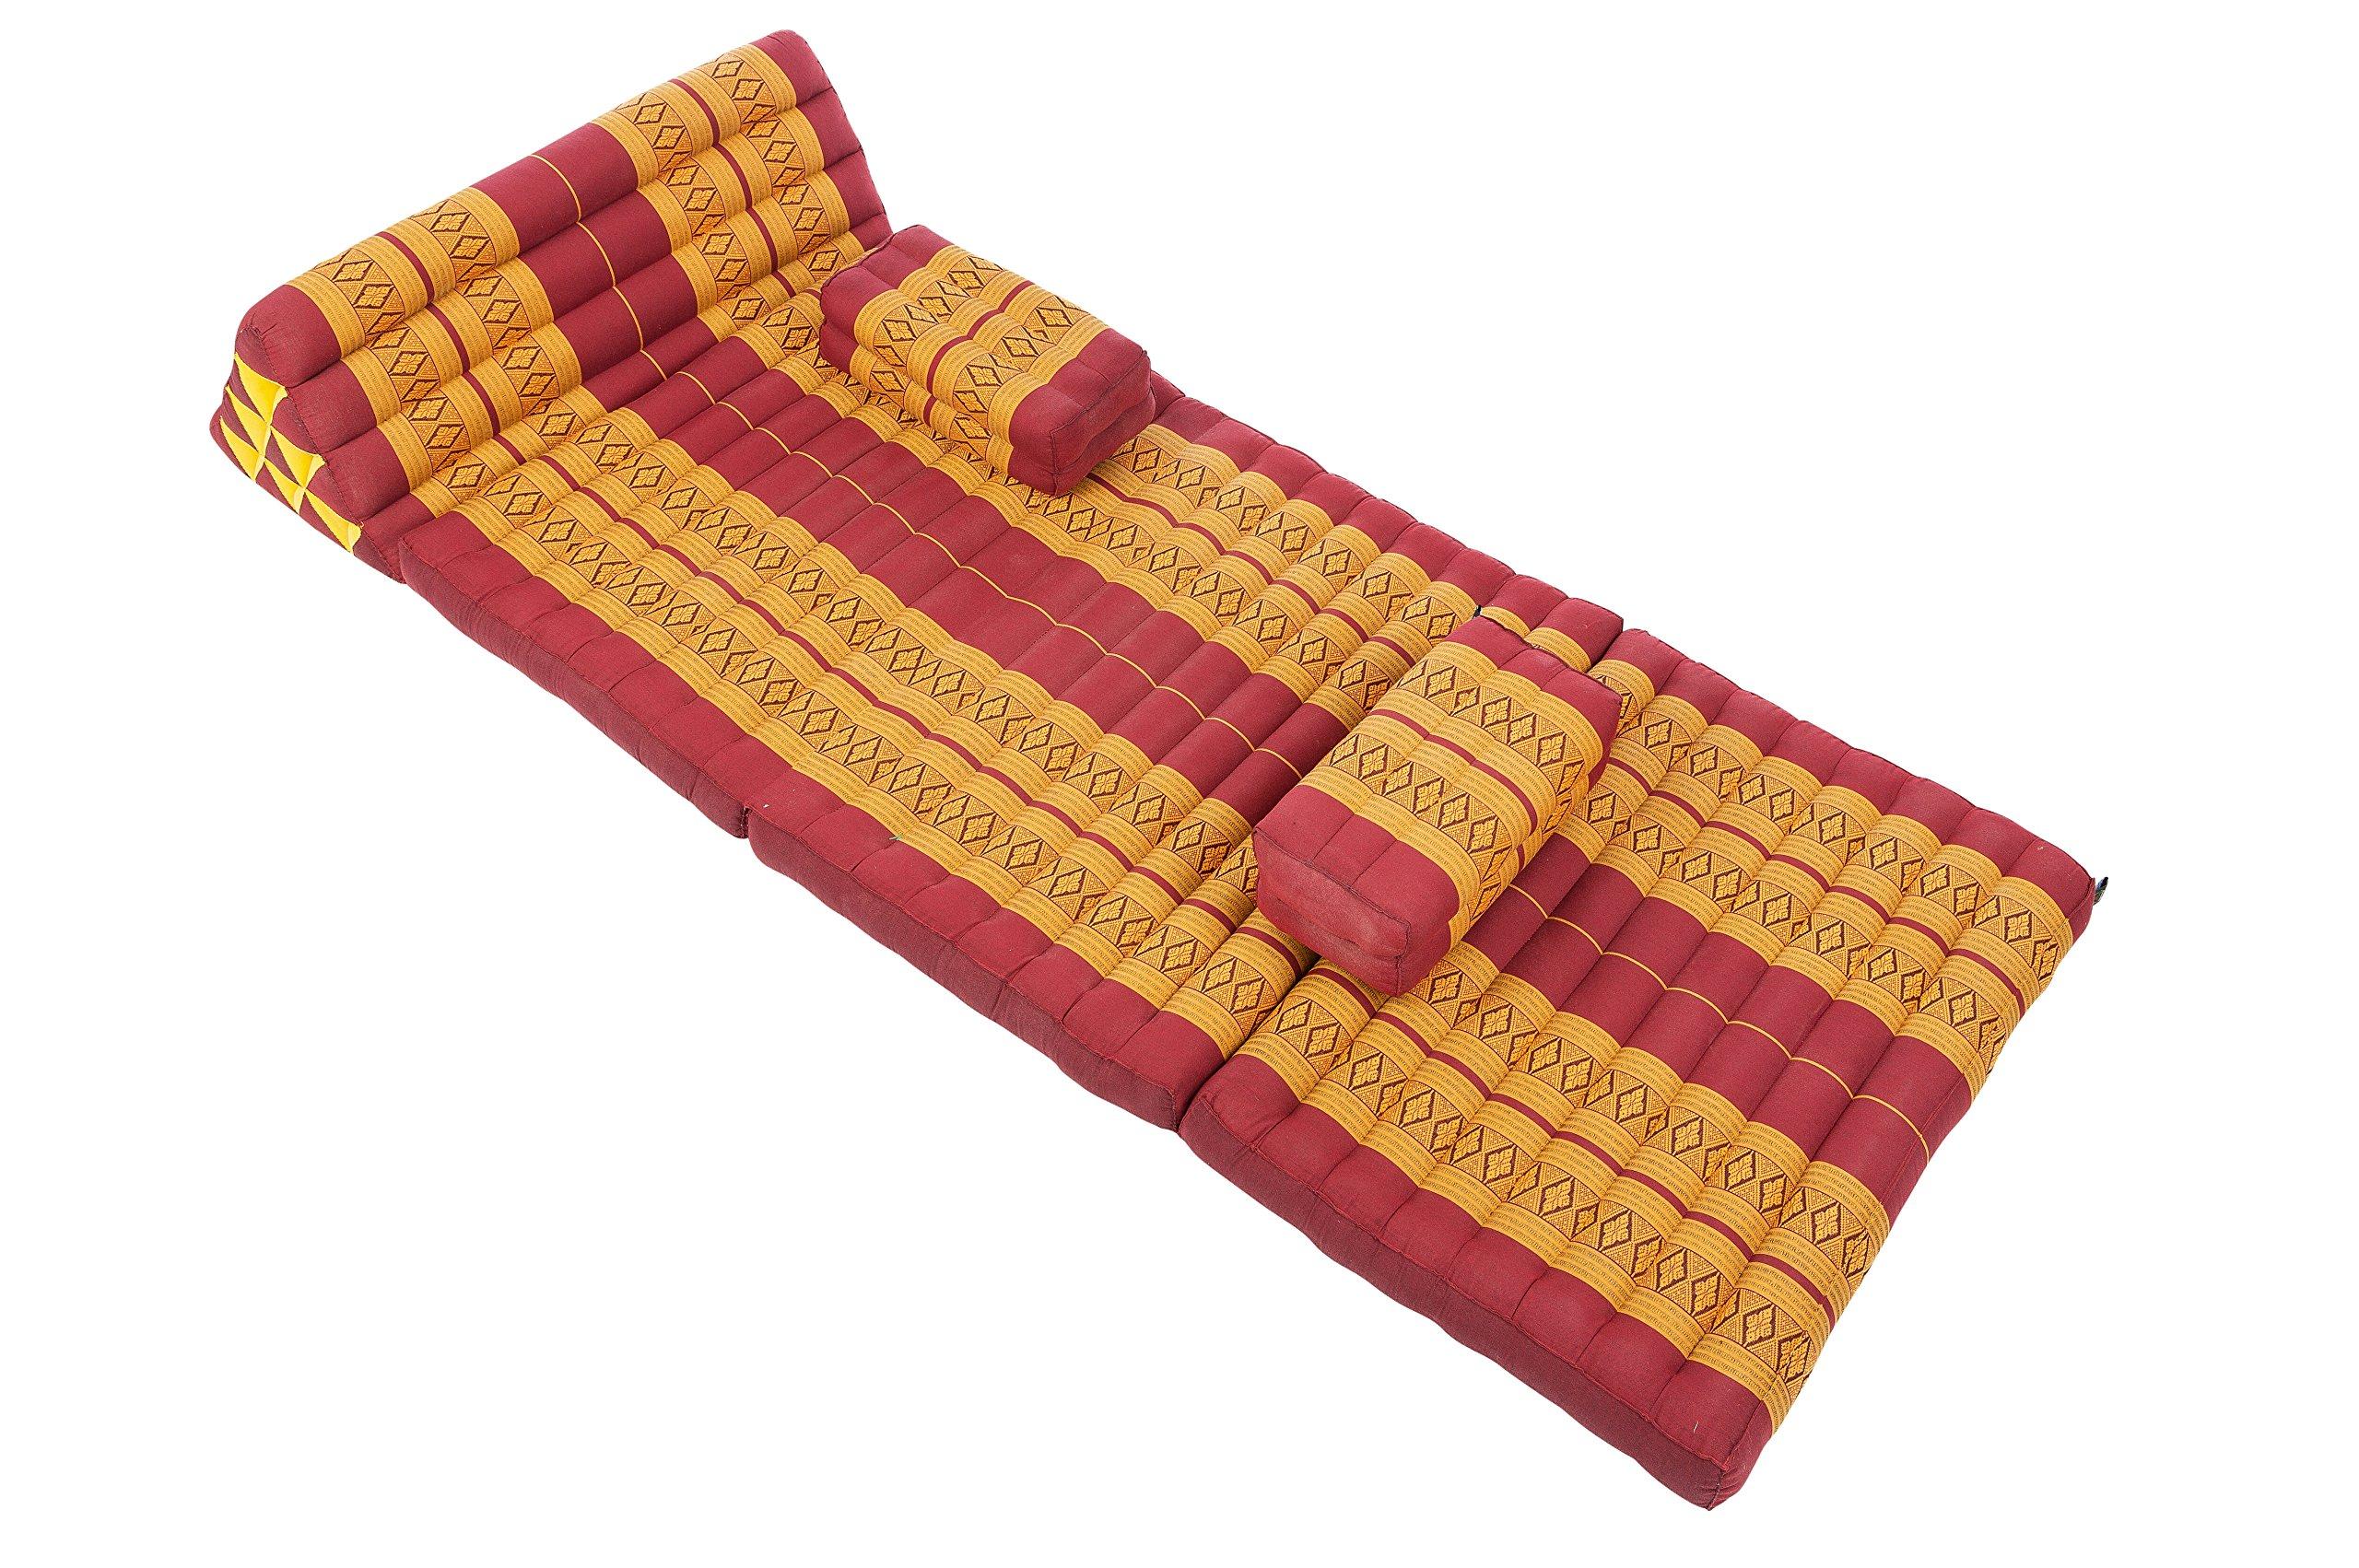 Thaicushion set Set XXXL: Thai Cushions and Pillows in Thai Traditional Design, Burgundy, 3 Pieces by Handelsturm